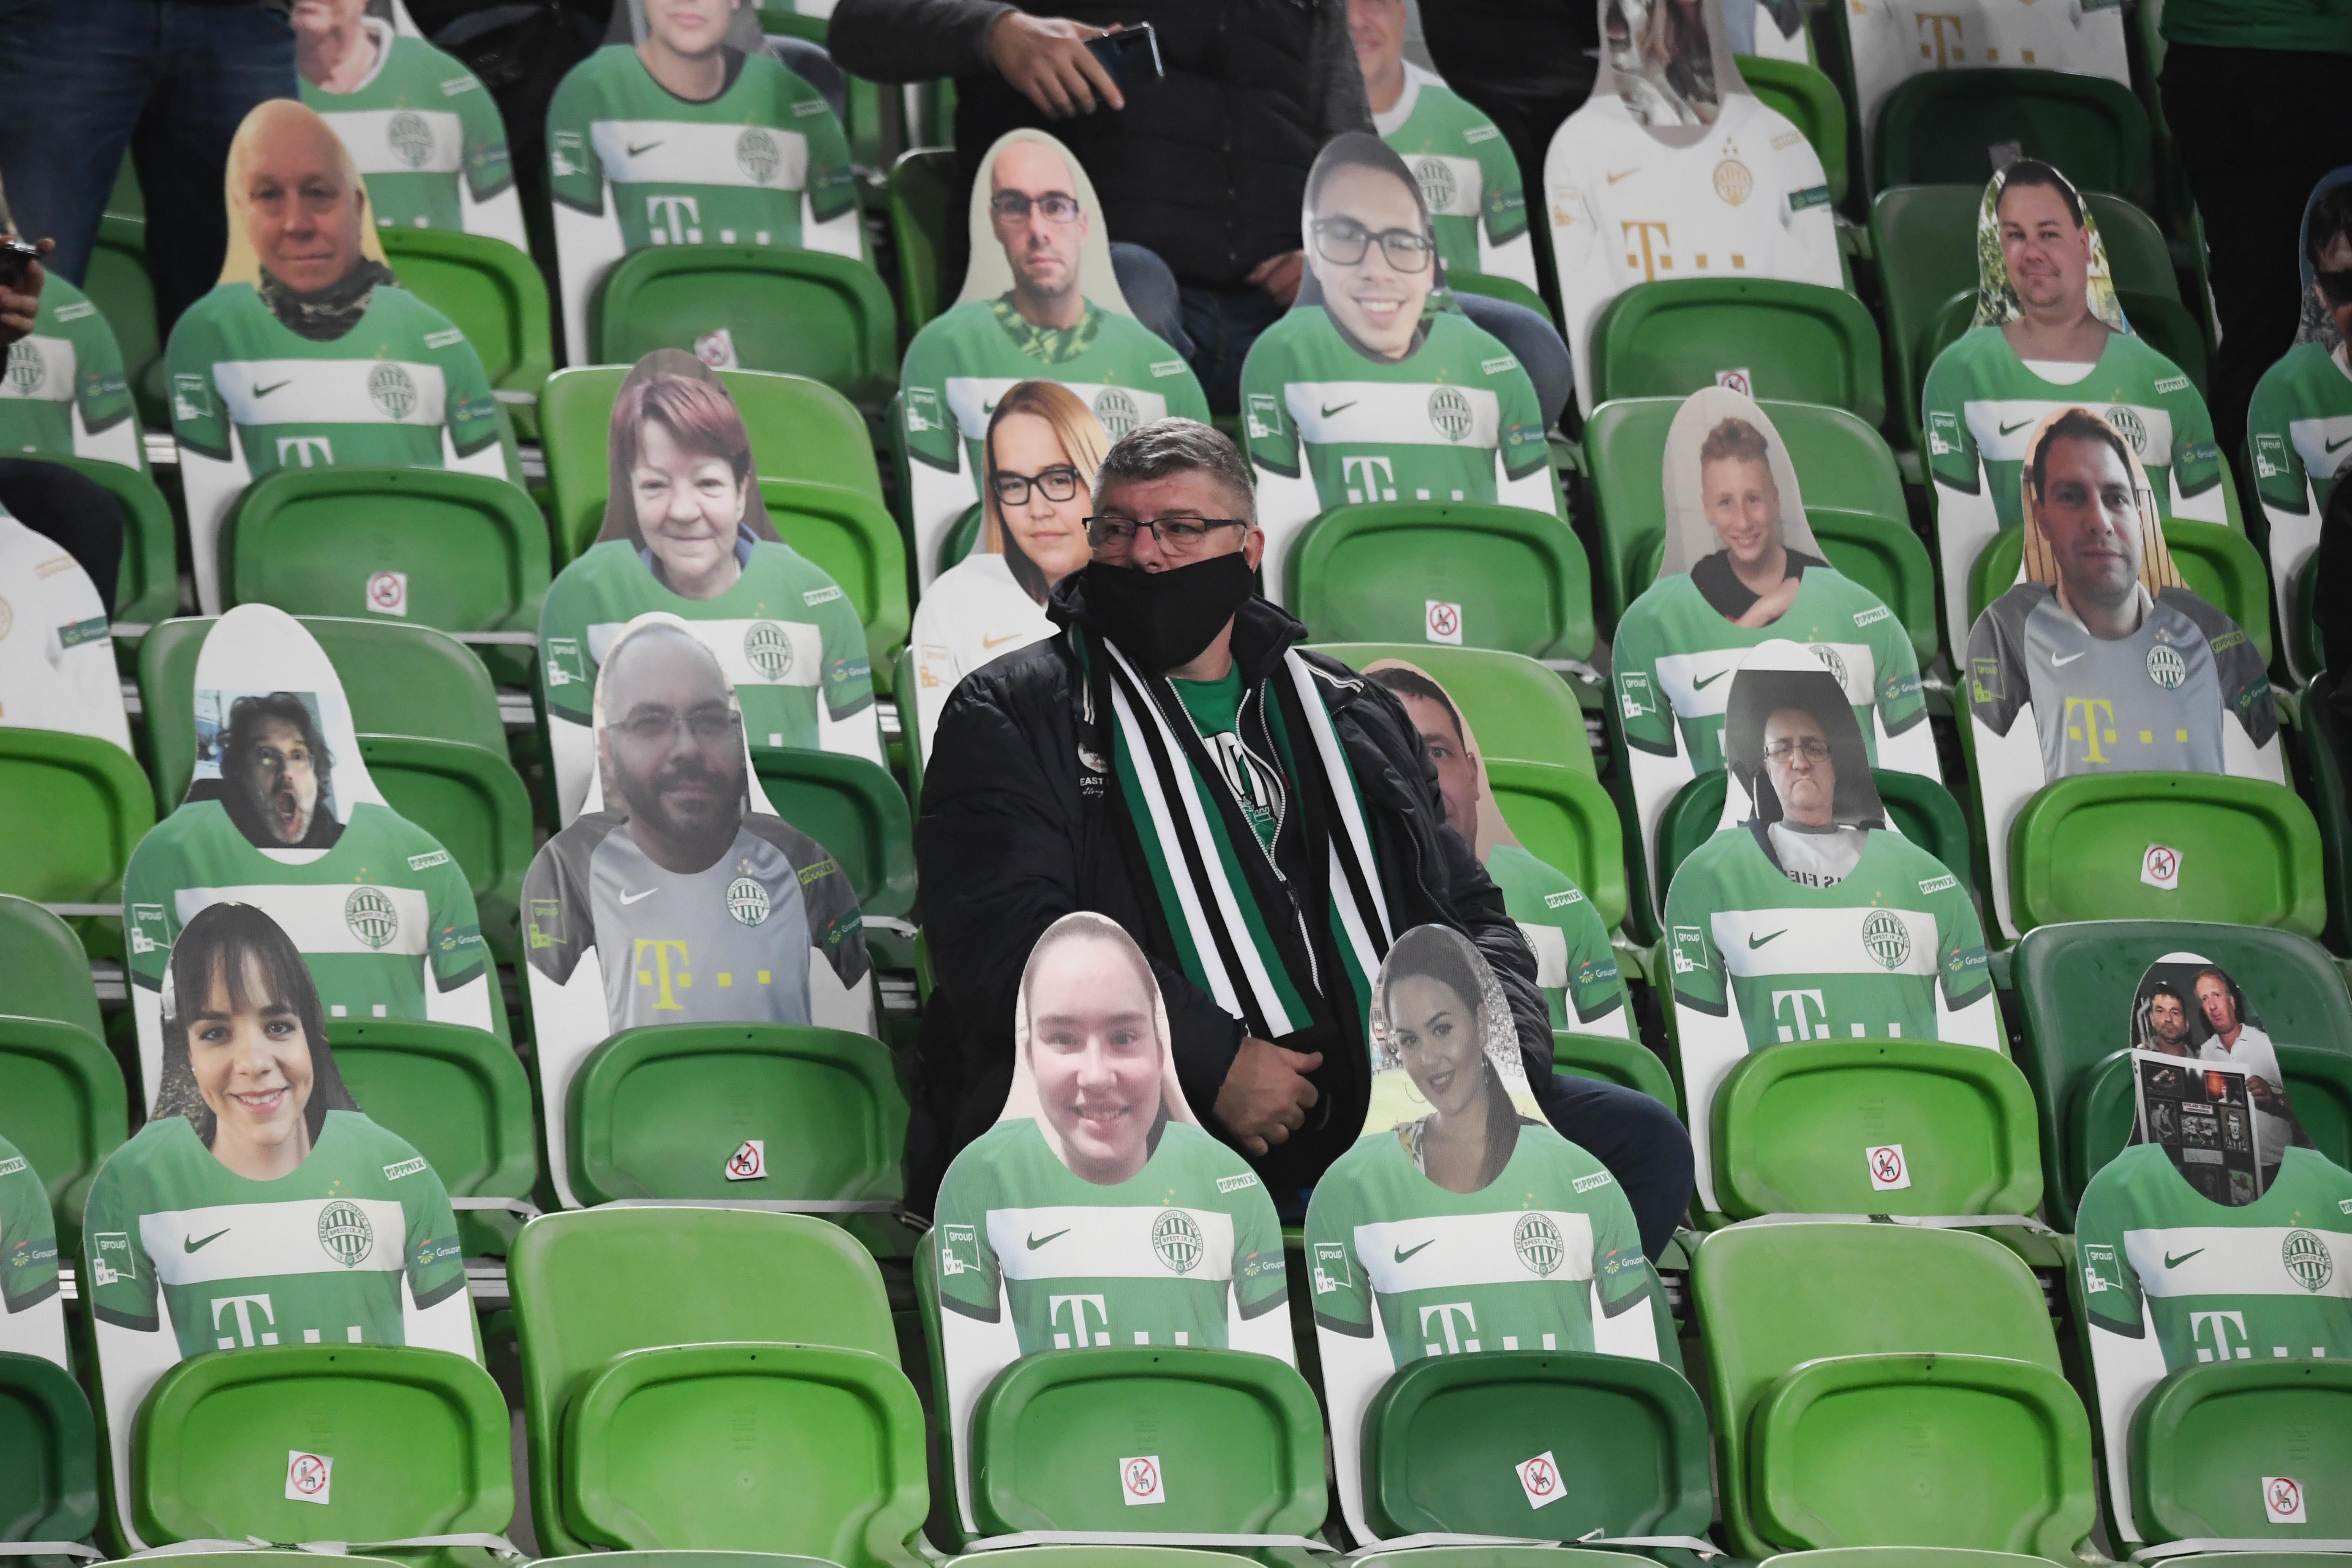 Tilos a magyar stadionok lelátóin szotyizni és sörözni is